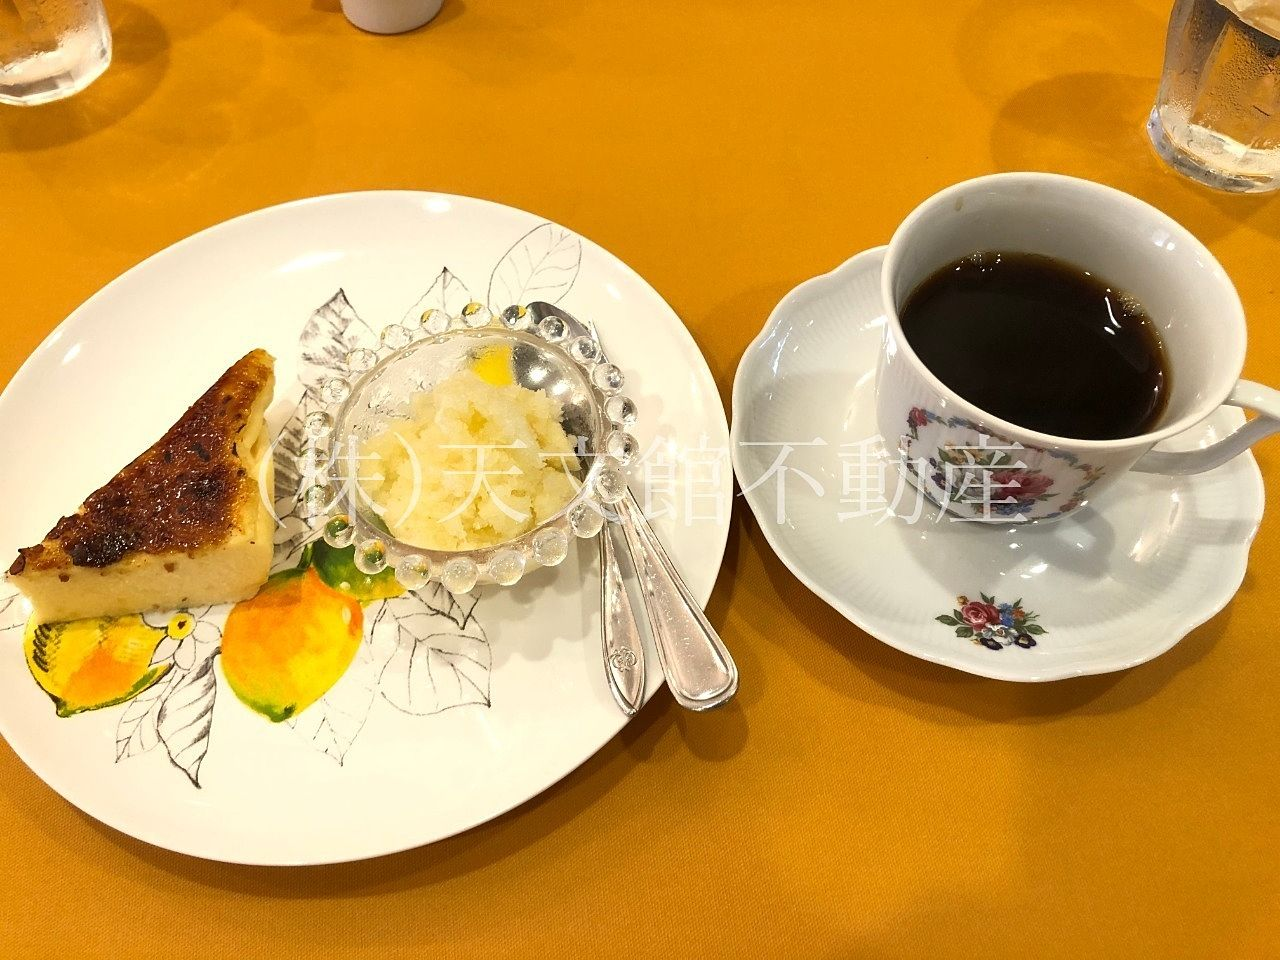 イタリアン料理ピッコロ モンド チーズケーキとコーヒー